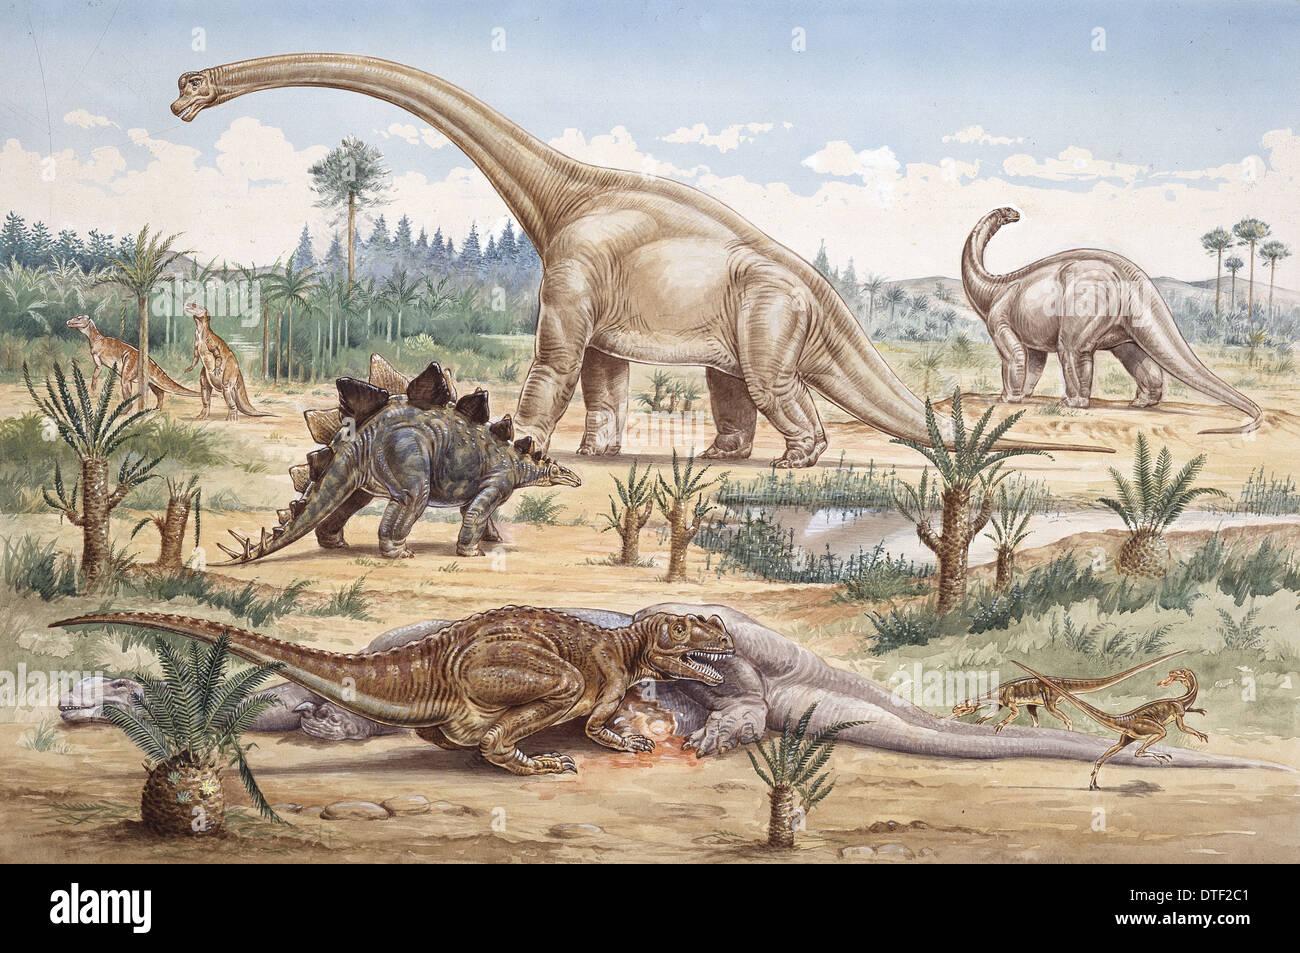 Ceratosaurus, Coelurosaur, Camptosaurus,Stegosaurus, Brachiosaurus & Apatosaurus - Stock Image